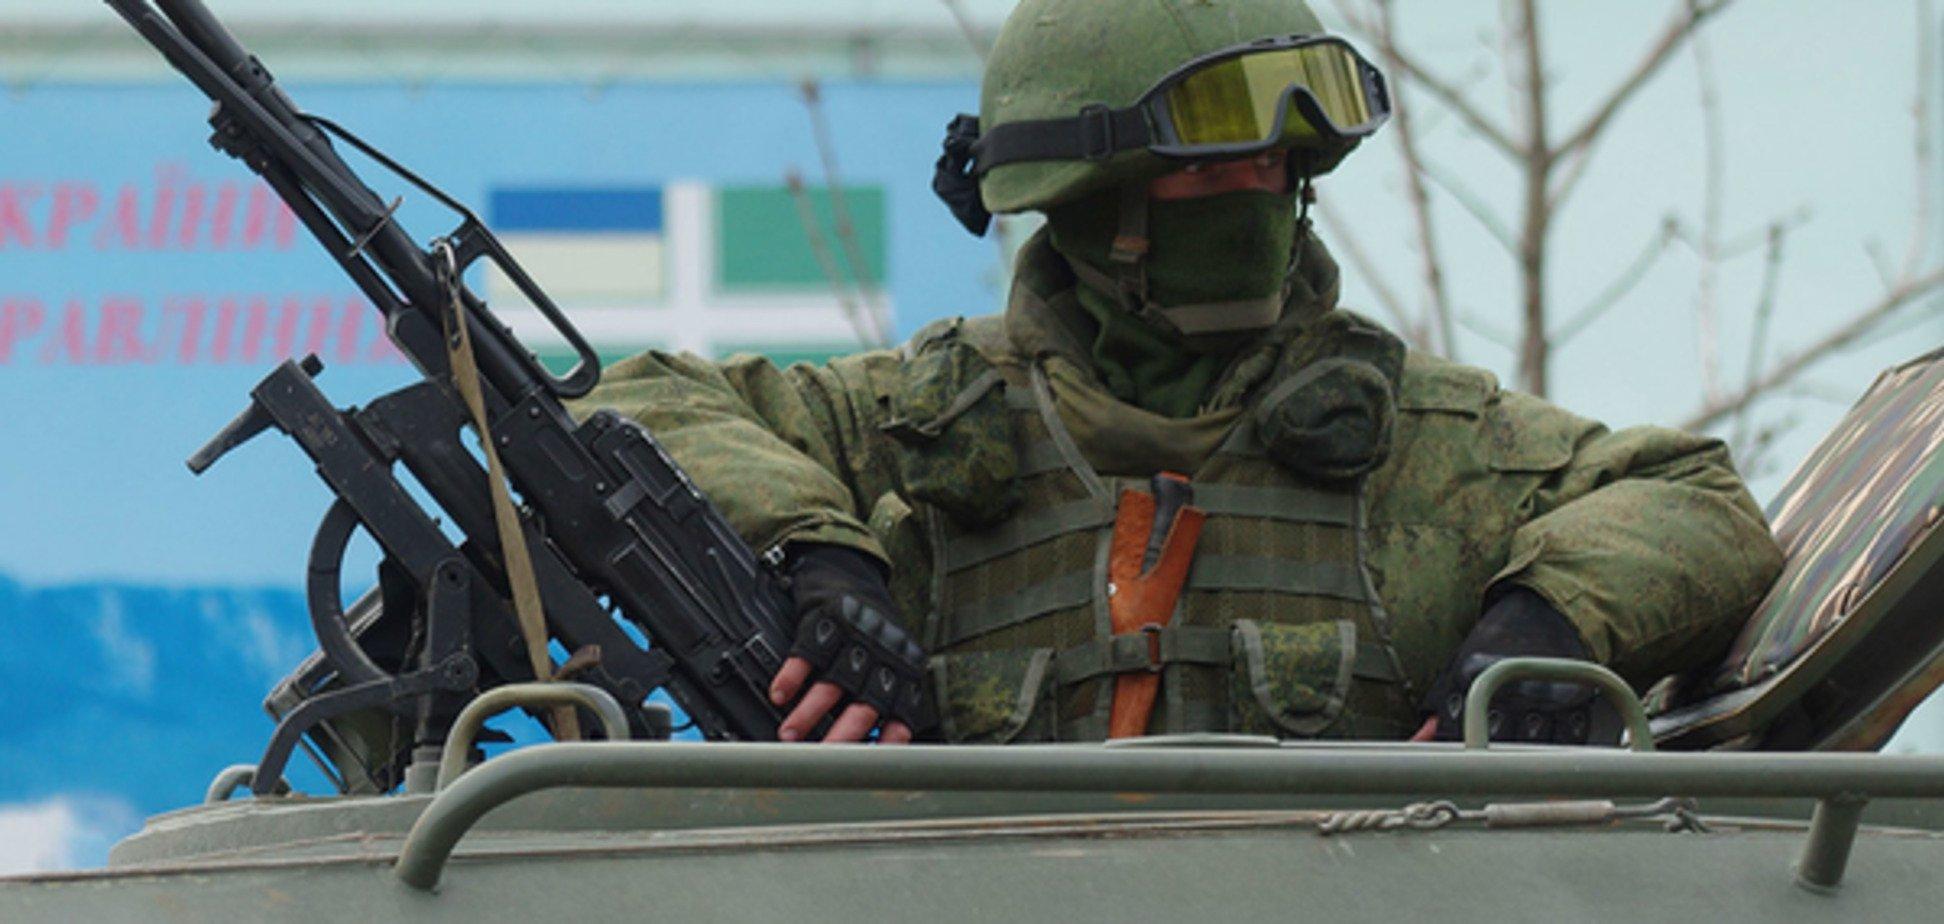 Планы Путина: ворвется ли Россия в Украину через Крым